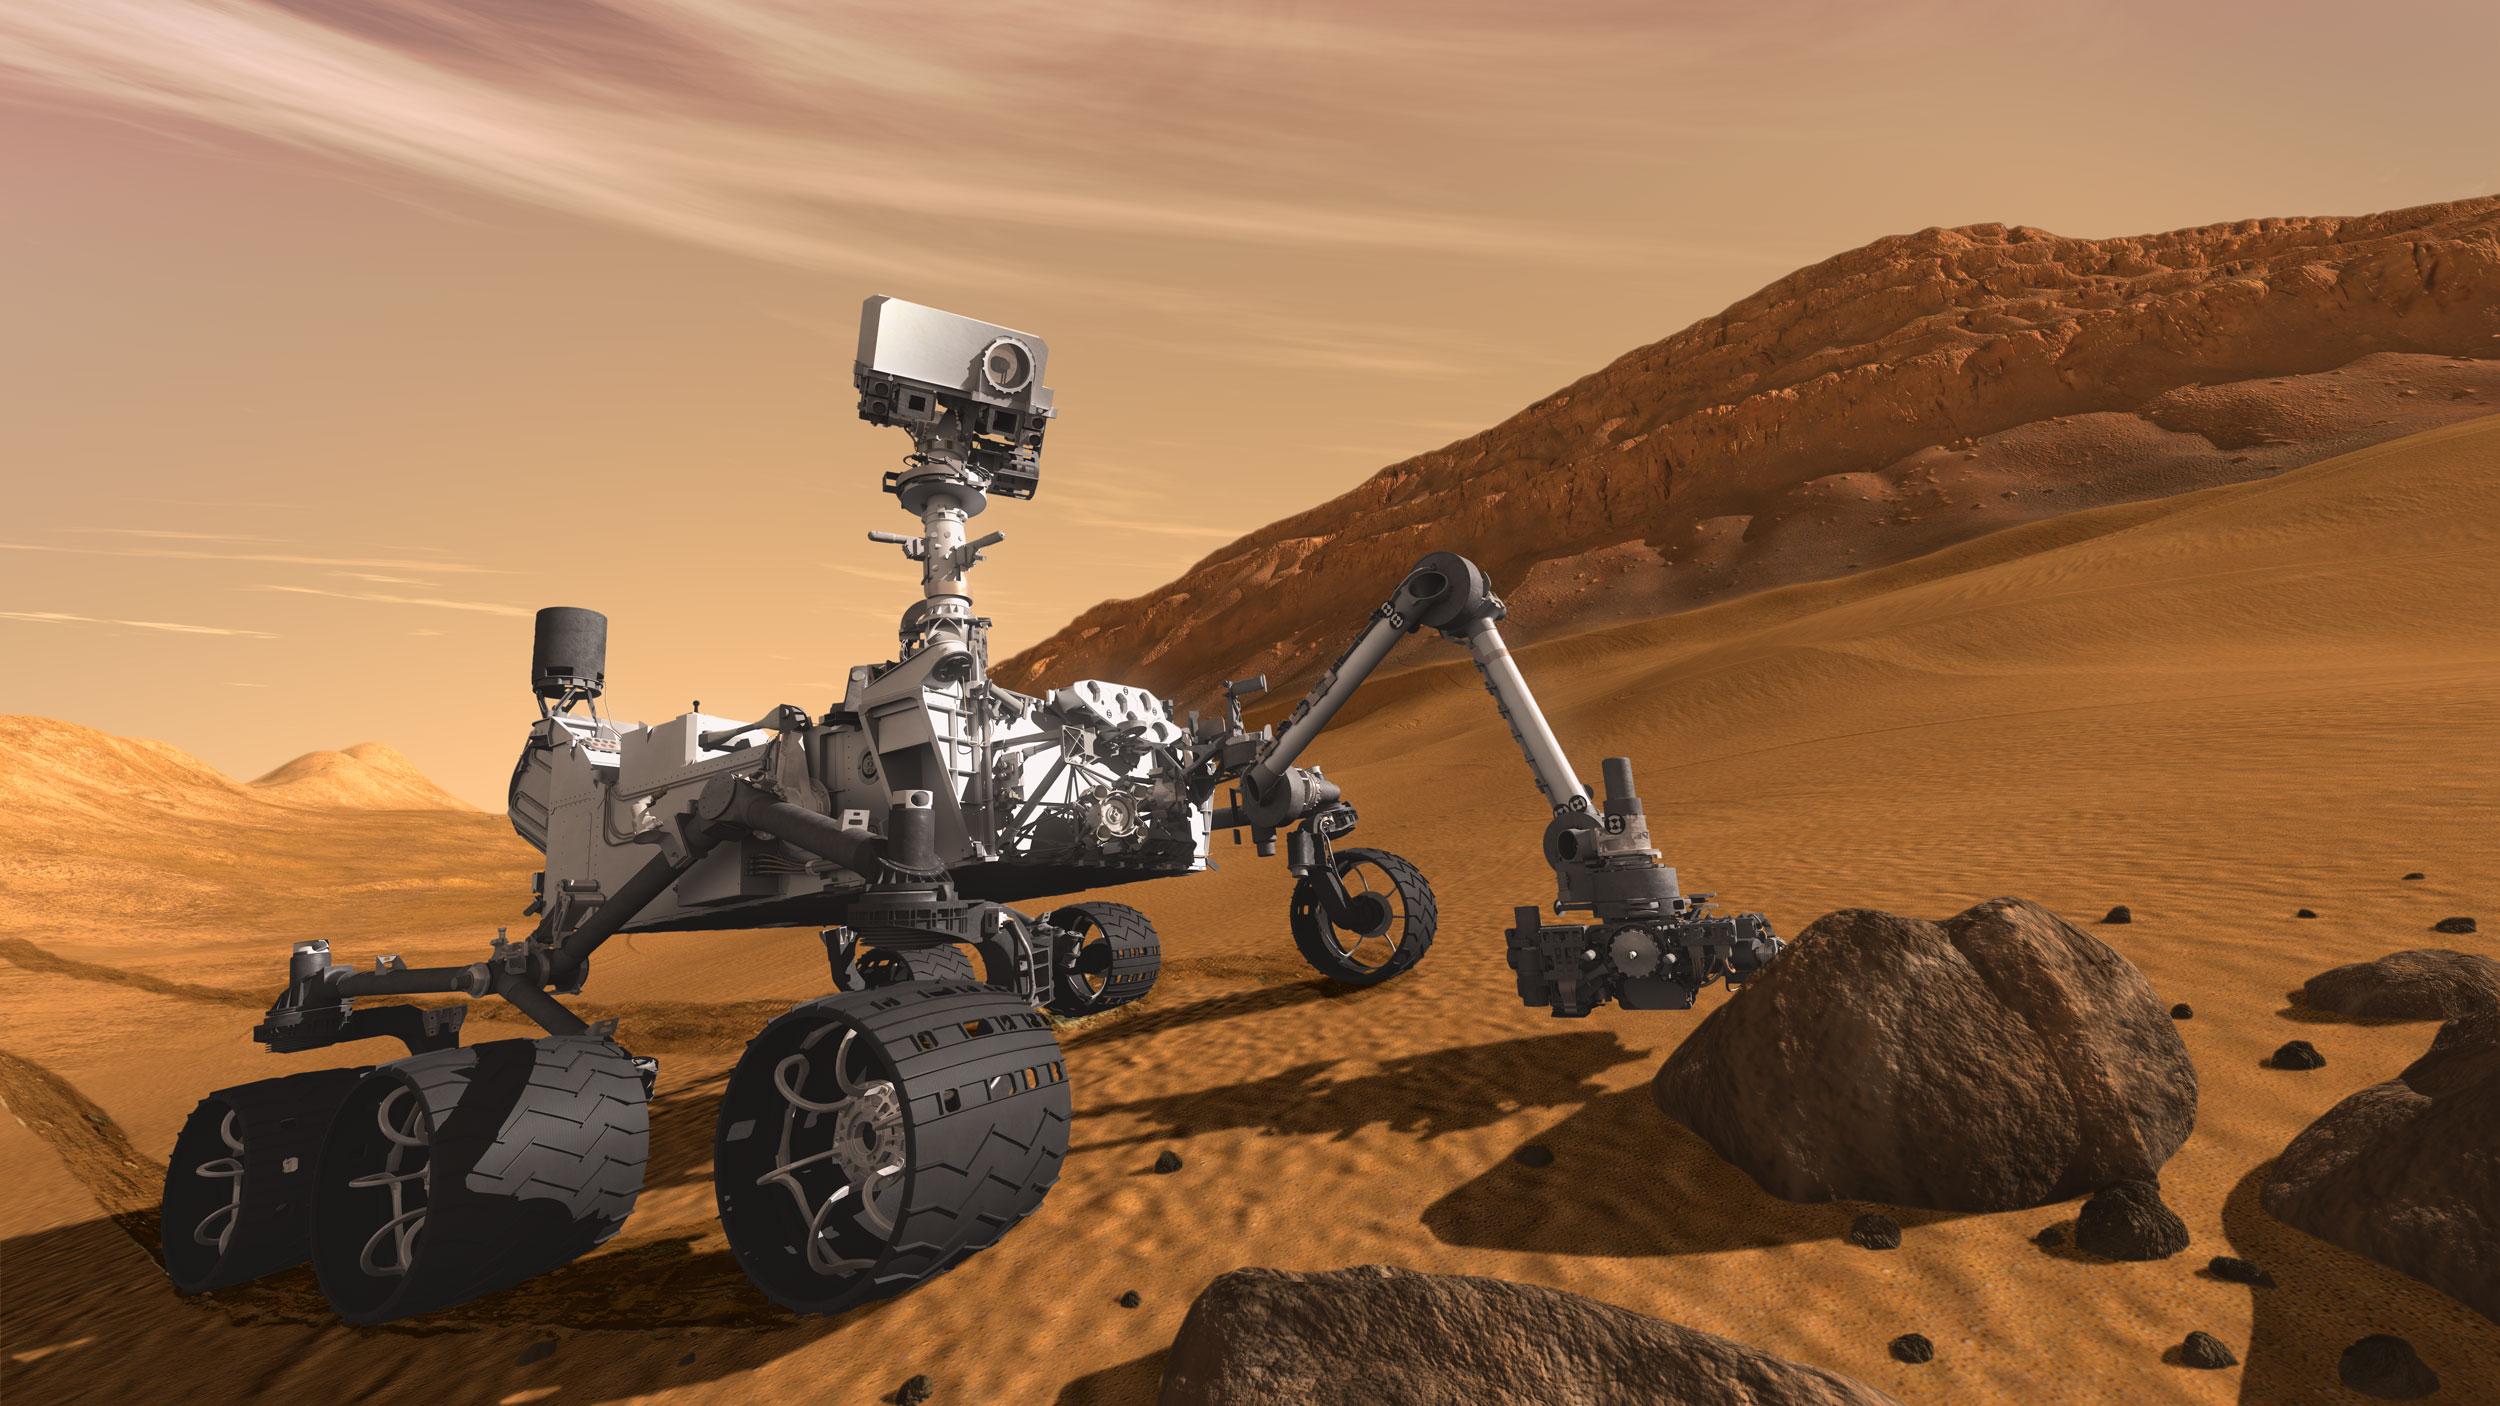 A sonda Curiosity está realizando um trabalho científico em Marte, coletando dados que serão fundamentais para o desenvolvimento do projeto. Imagem via NASA.